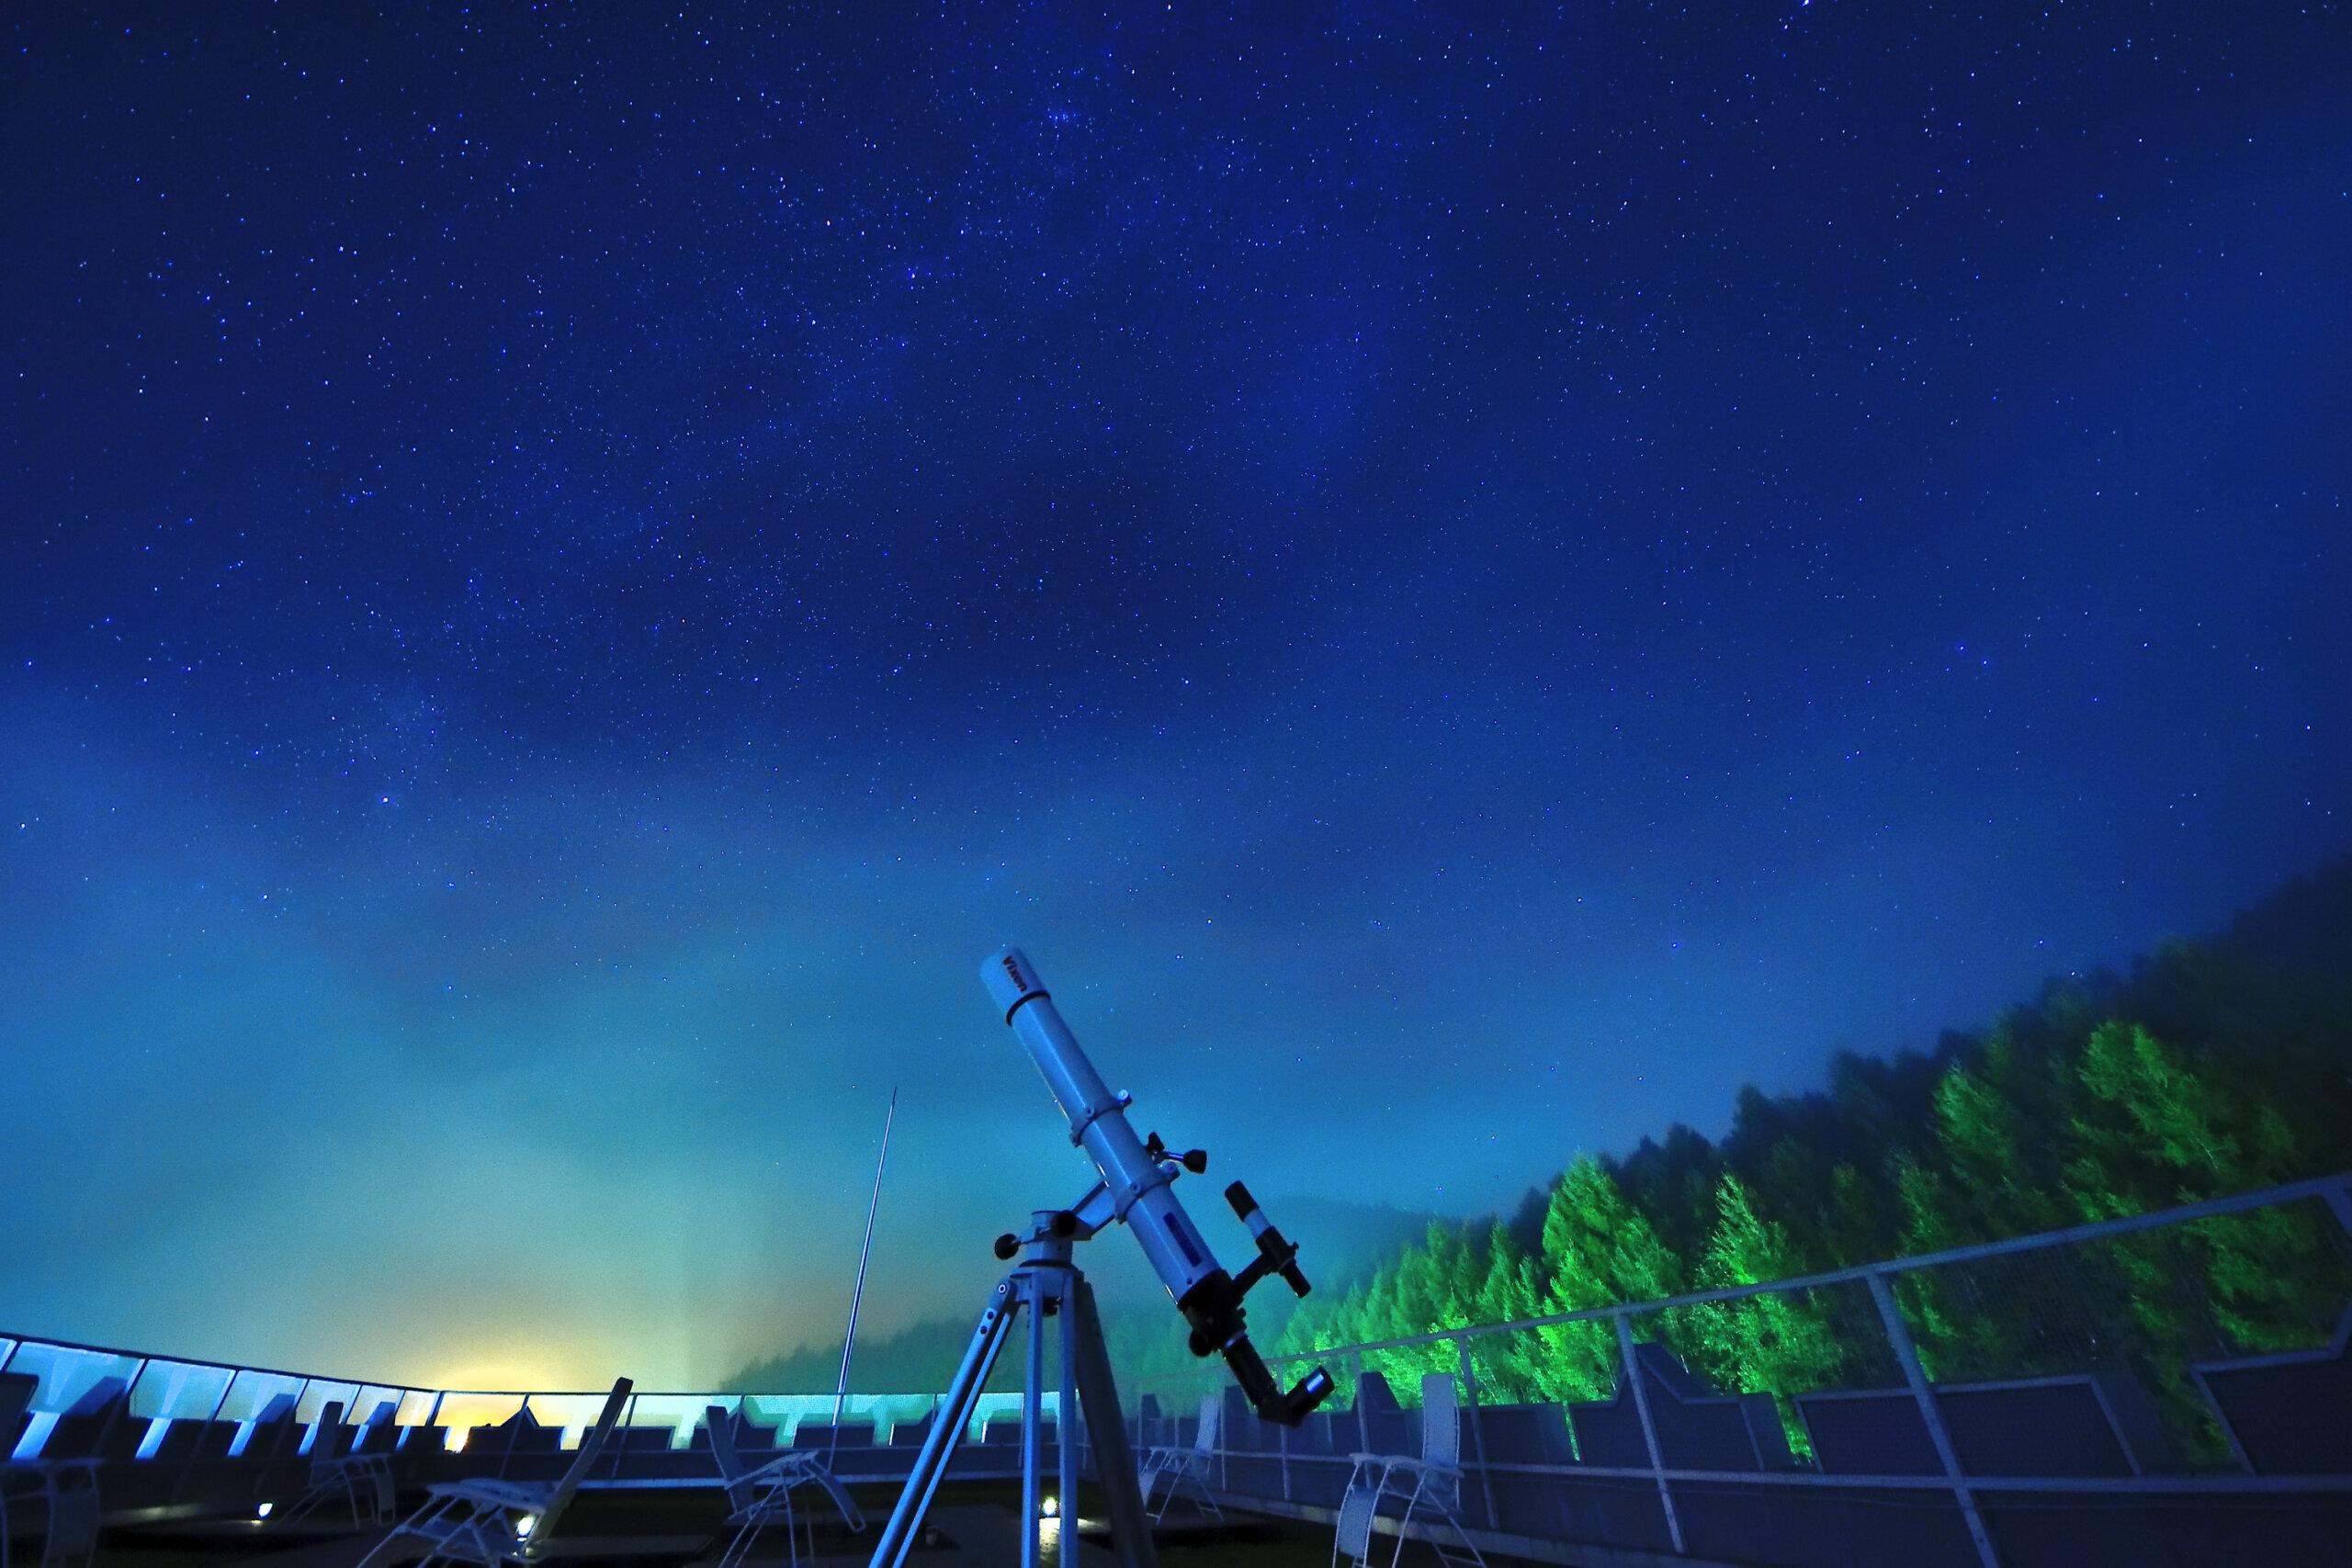 芦別温泉 星光大酒店:星象儀般的星空!不需使用望遠鏡也能直接觀測星空